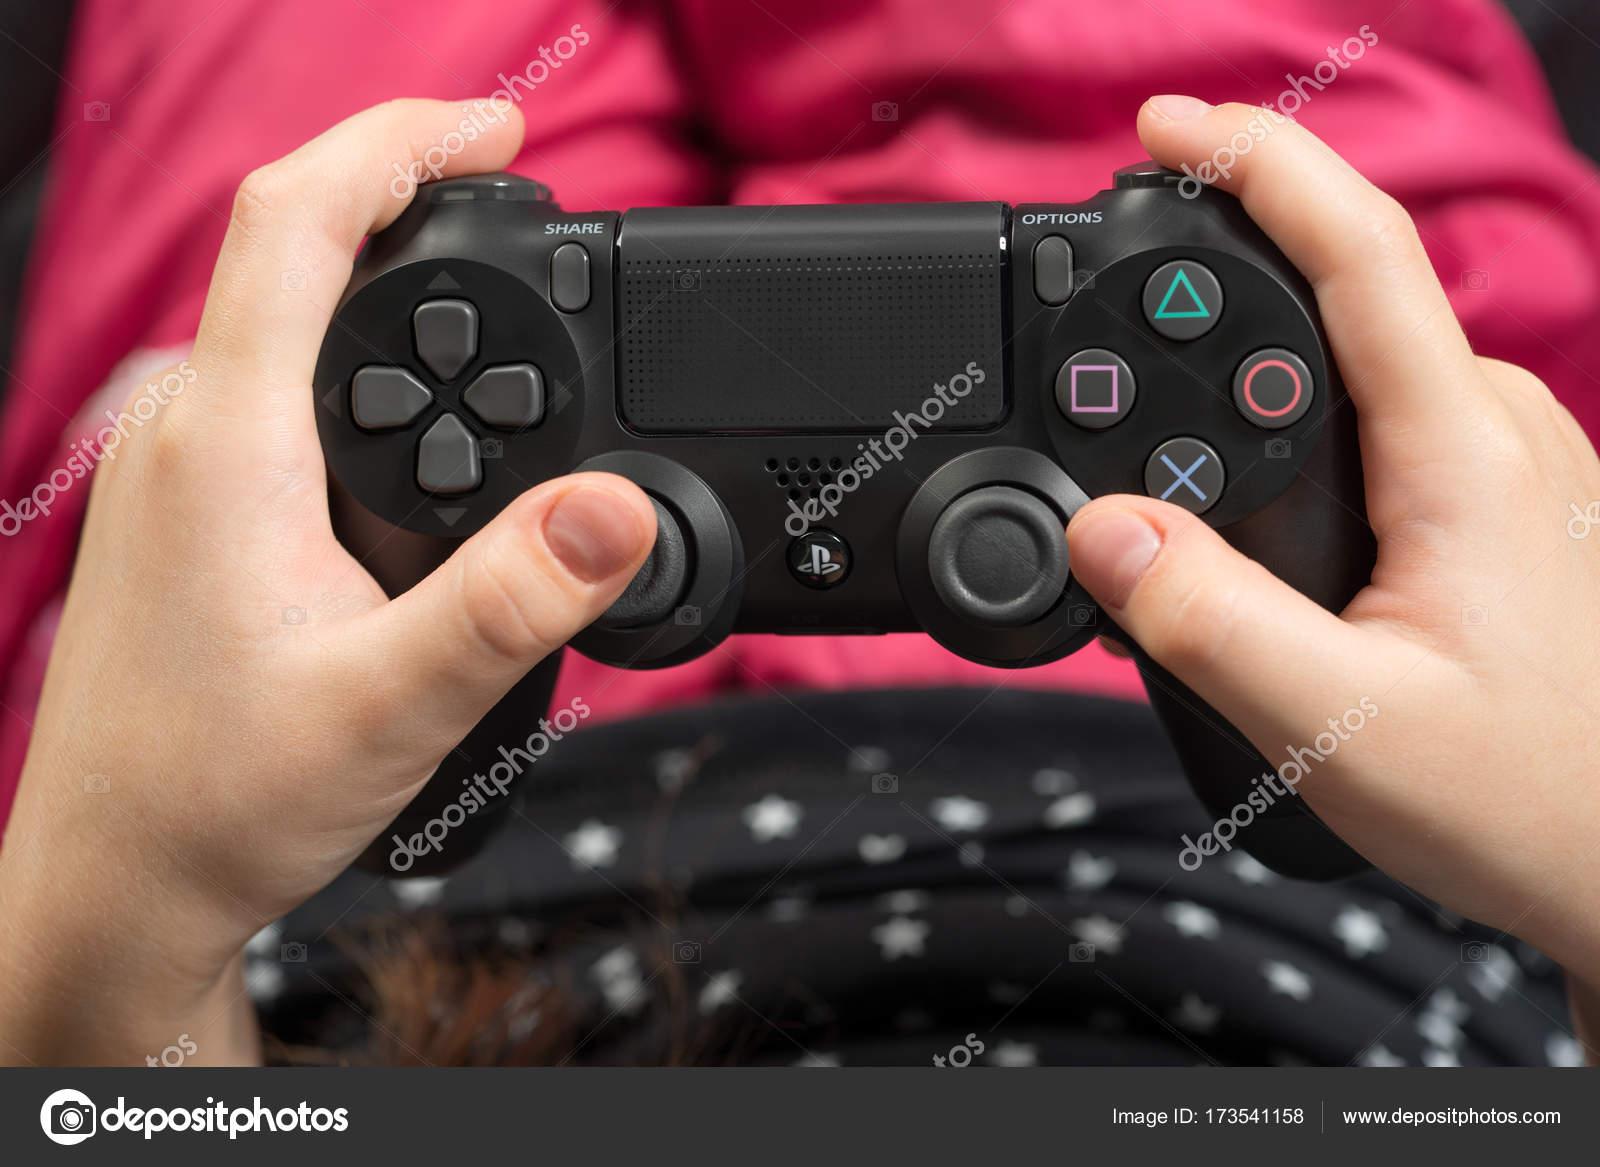 Imagenes Jugando Playstation 4 Chica De La Mano Jugando Sony